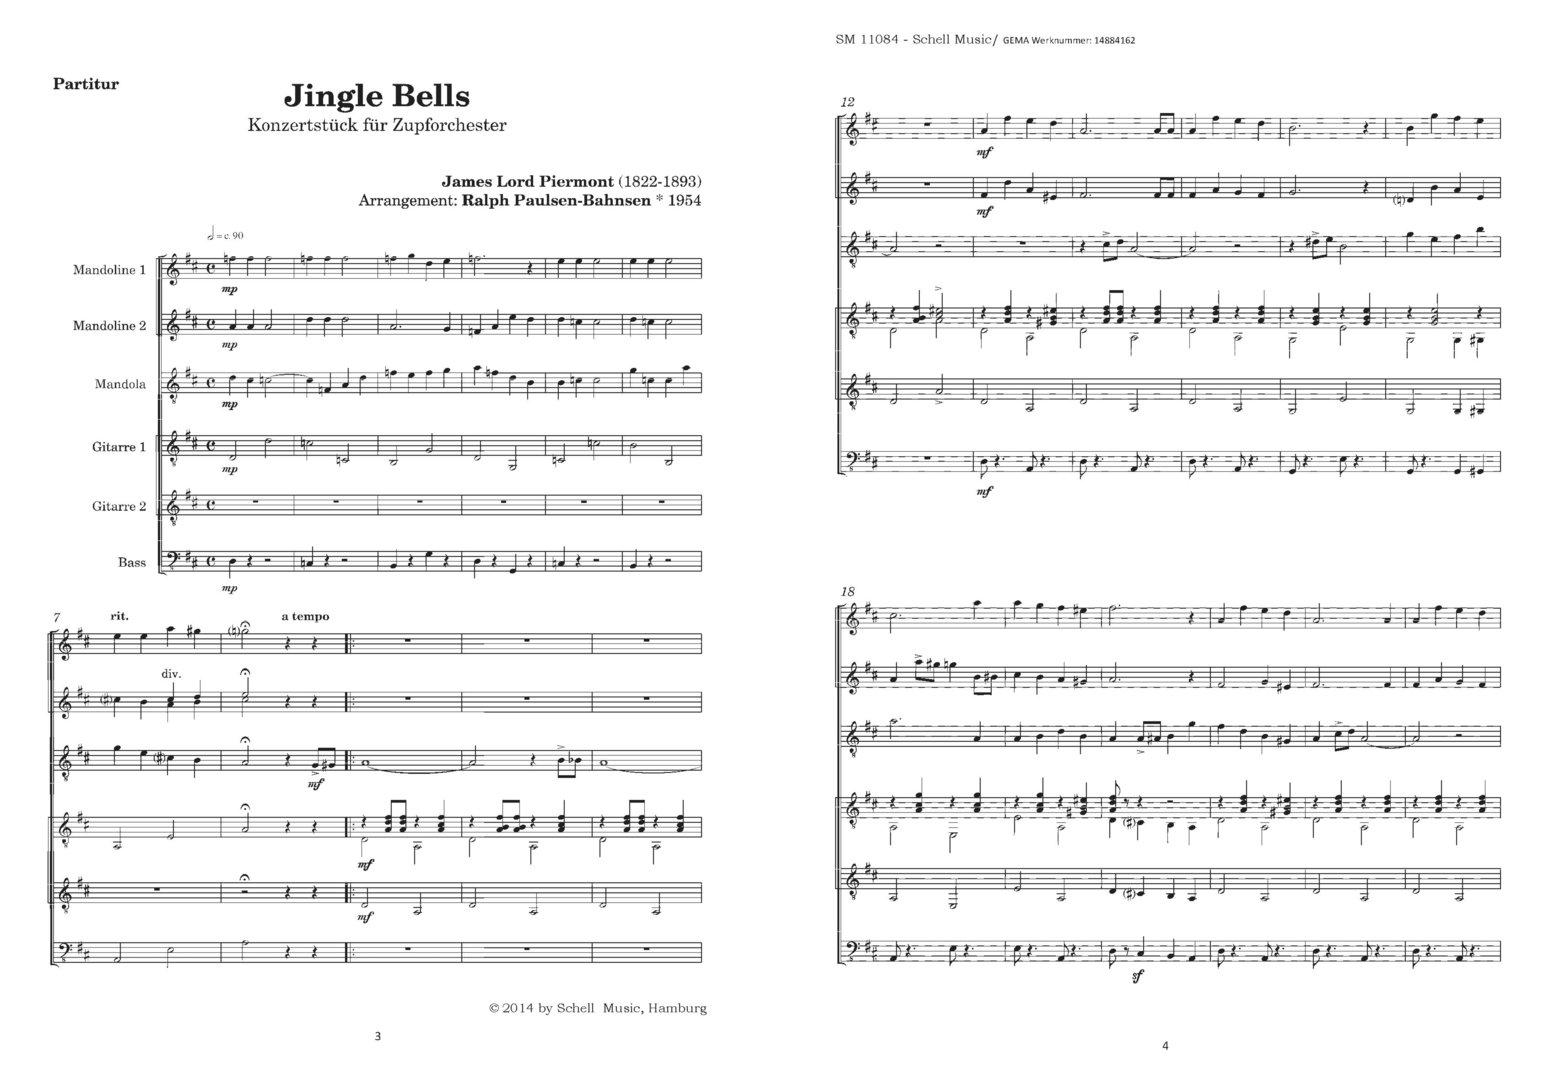 JINGLE BELLS - Konzertstück für Zupforchester (mit Kopierlizenz ...